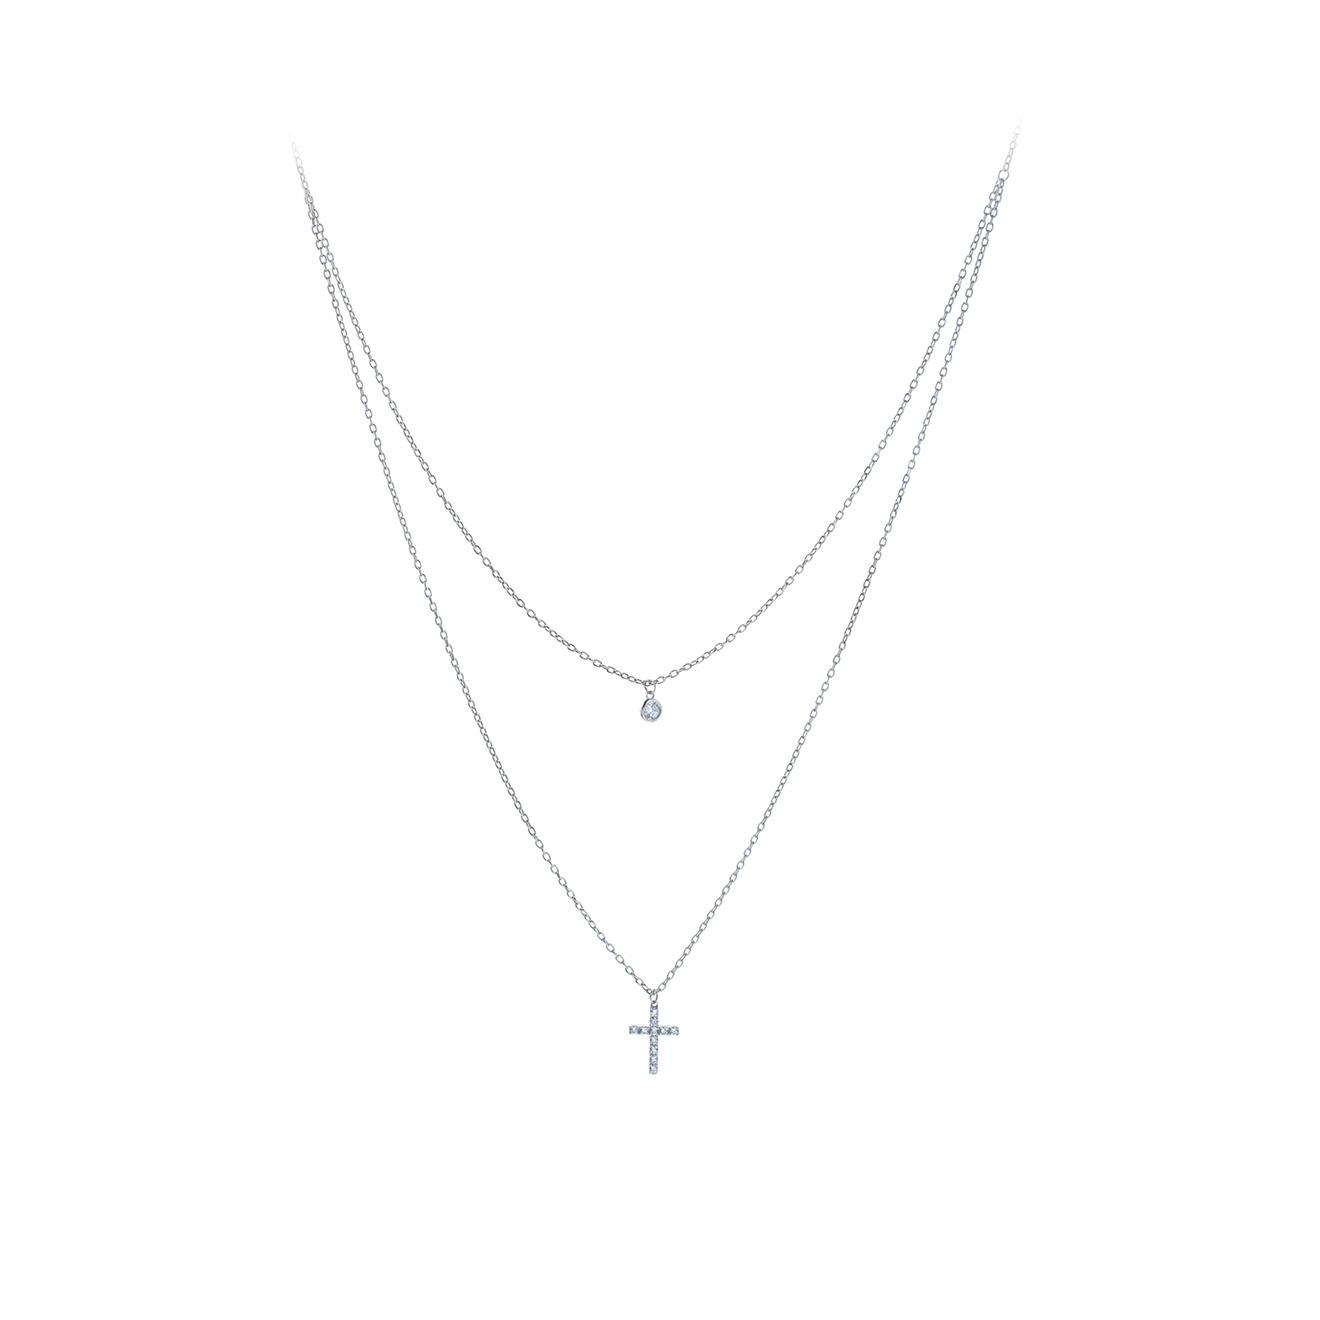 MiEstilo Двойное колье из серебра с крестом и фианитами